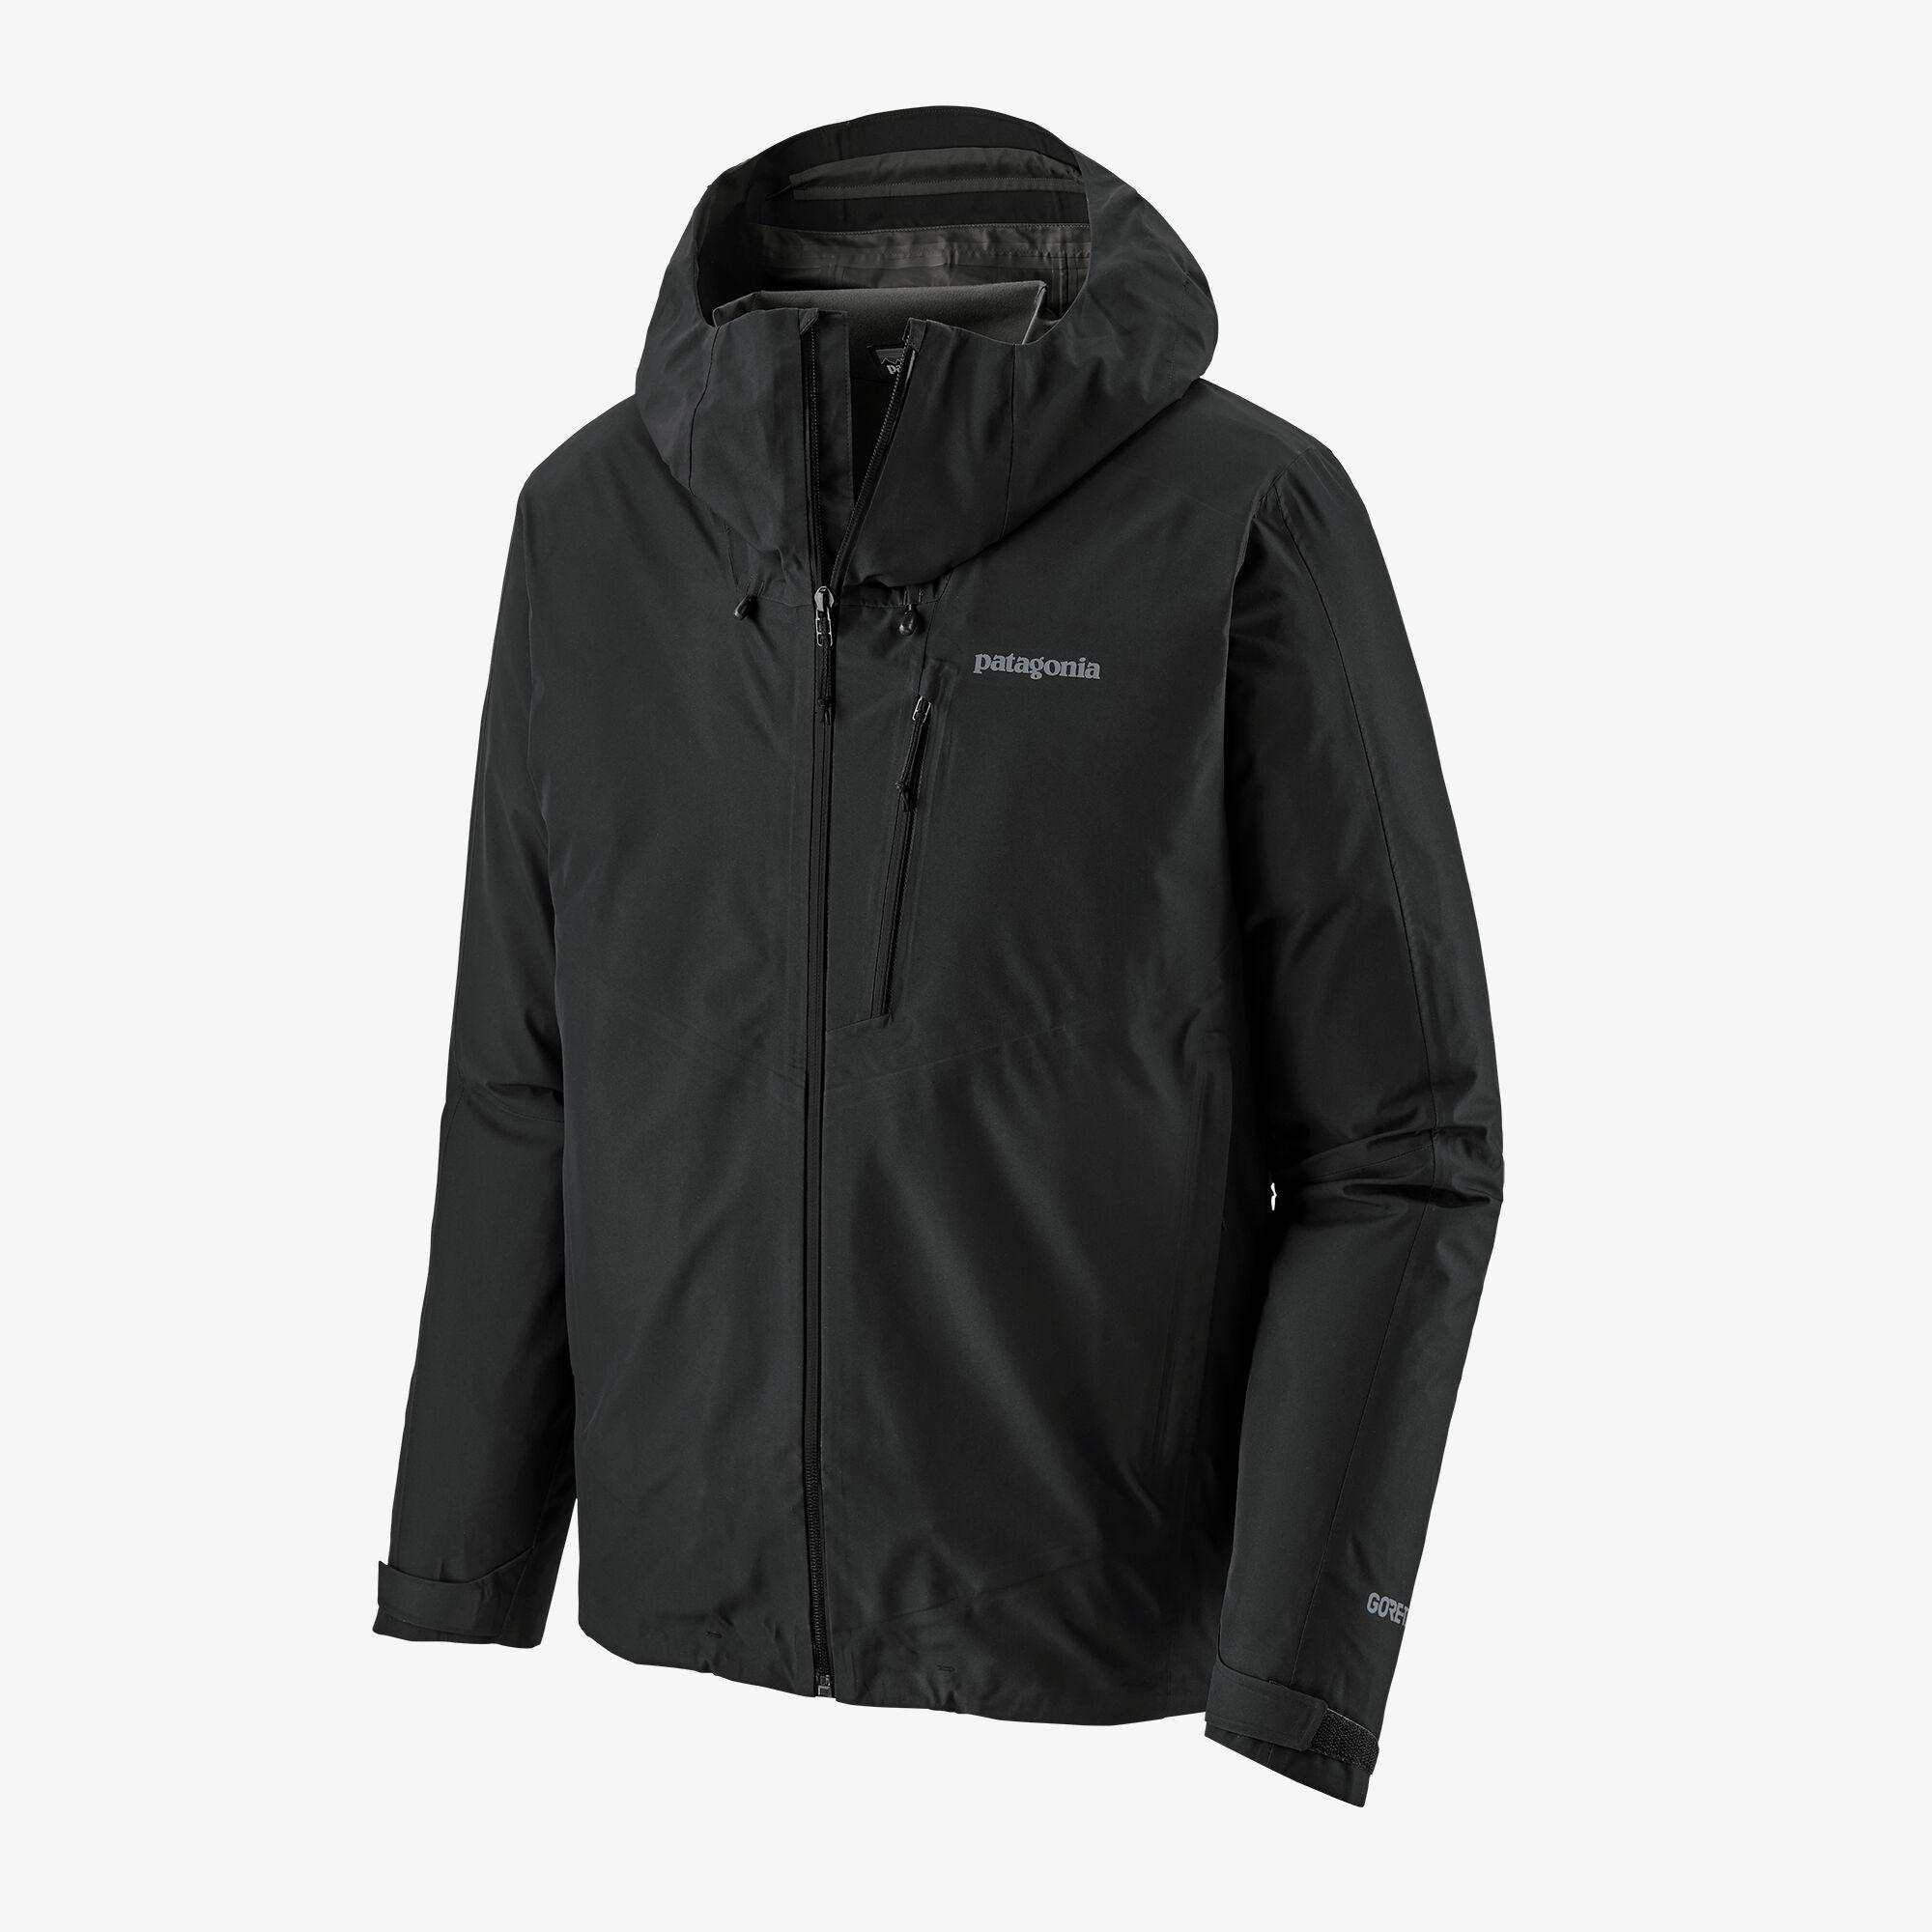 パタゴニア カルサイトジャケット